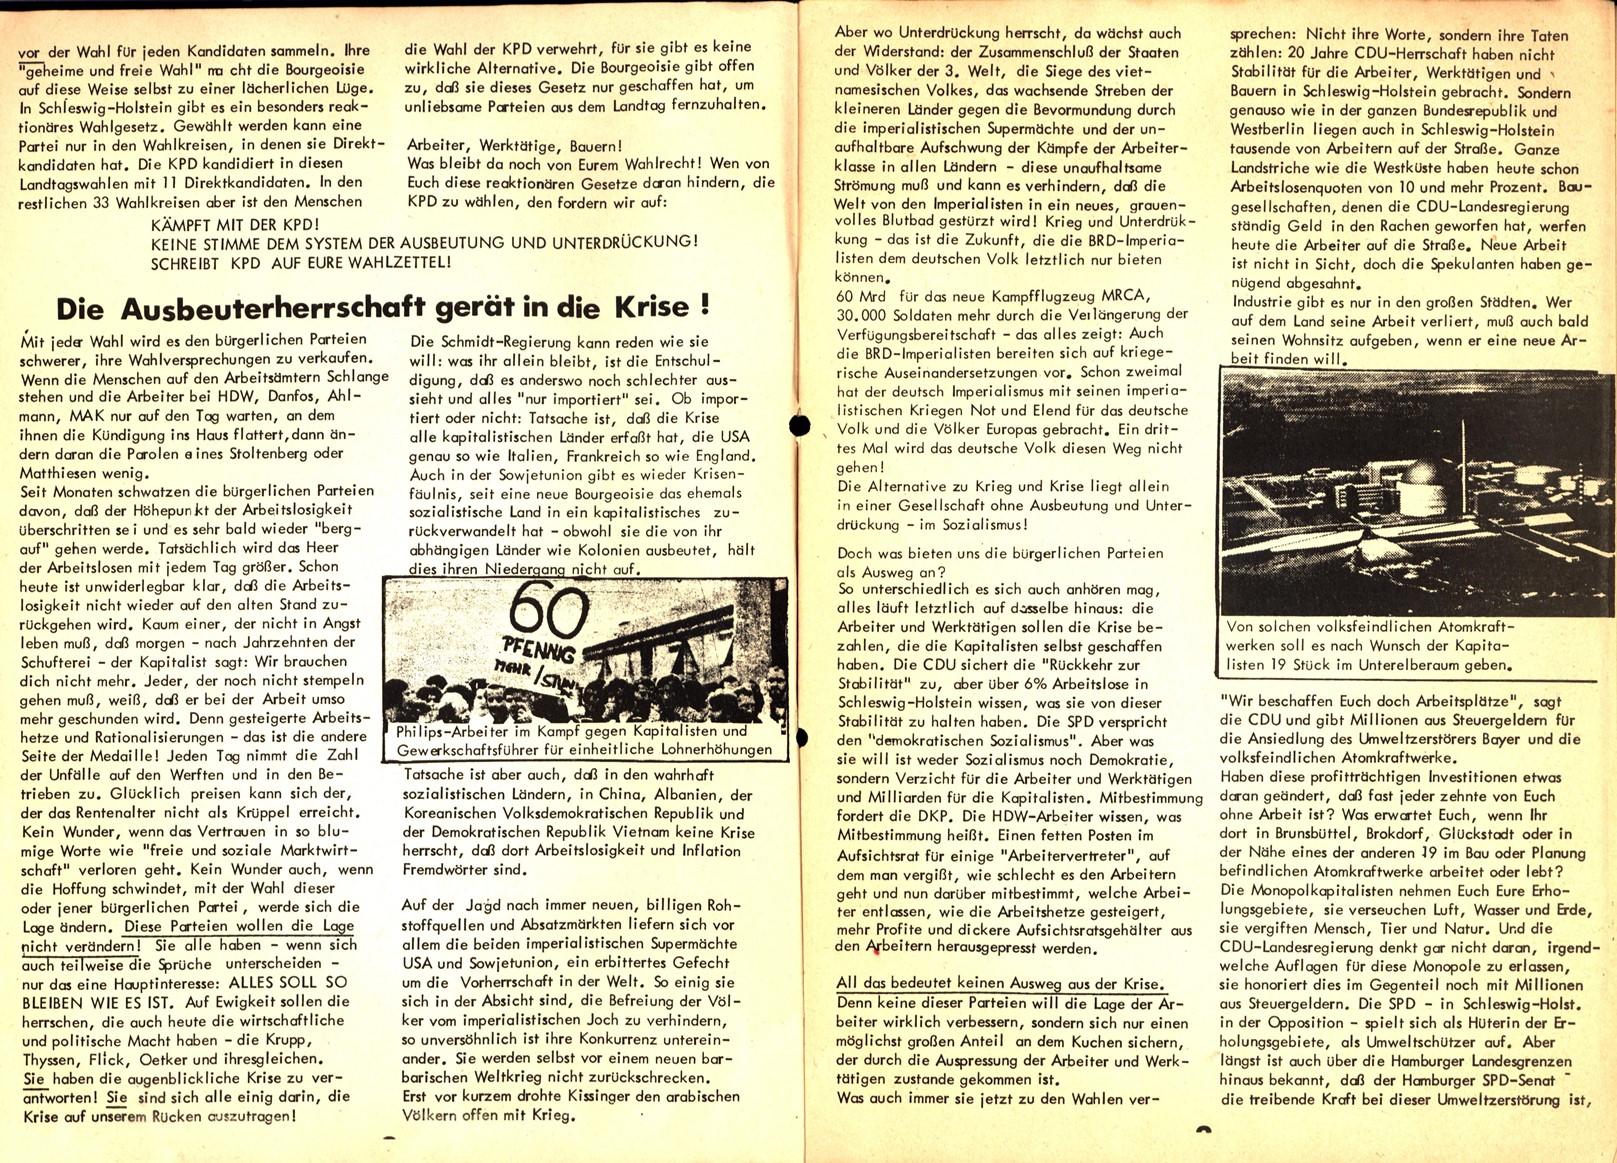 Schleswig_Holstein_KPDAO_1975_Landtagswahlen_03